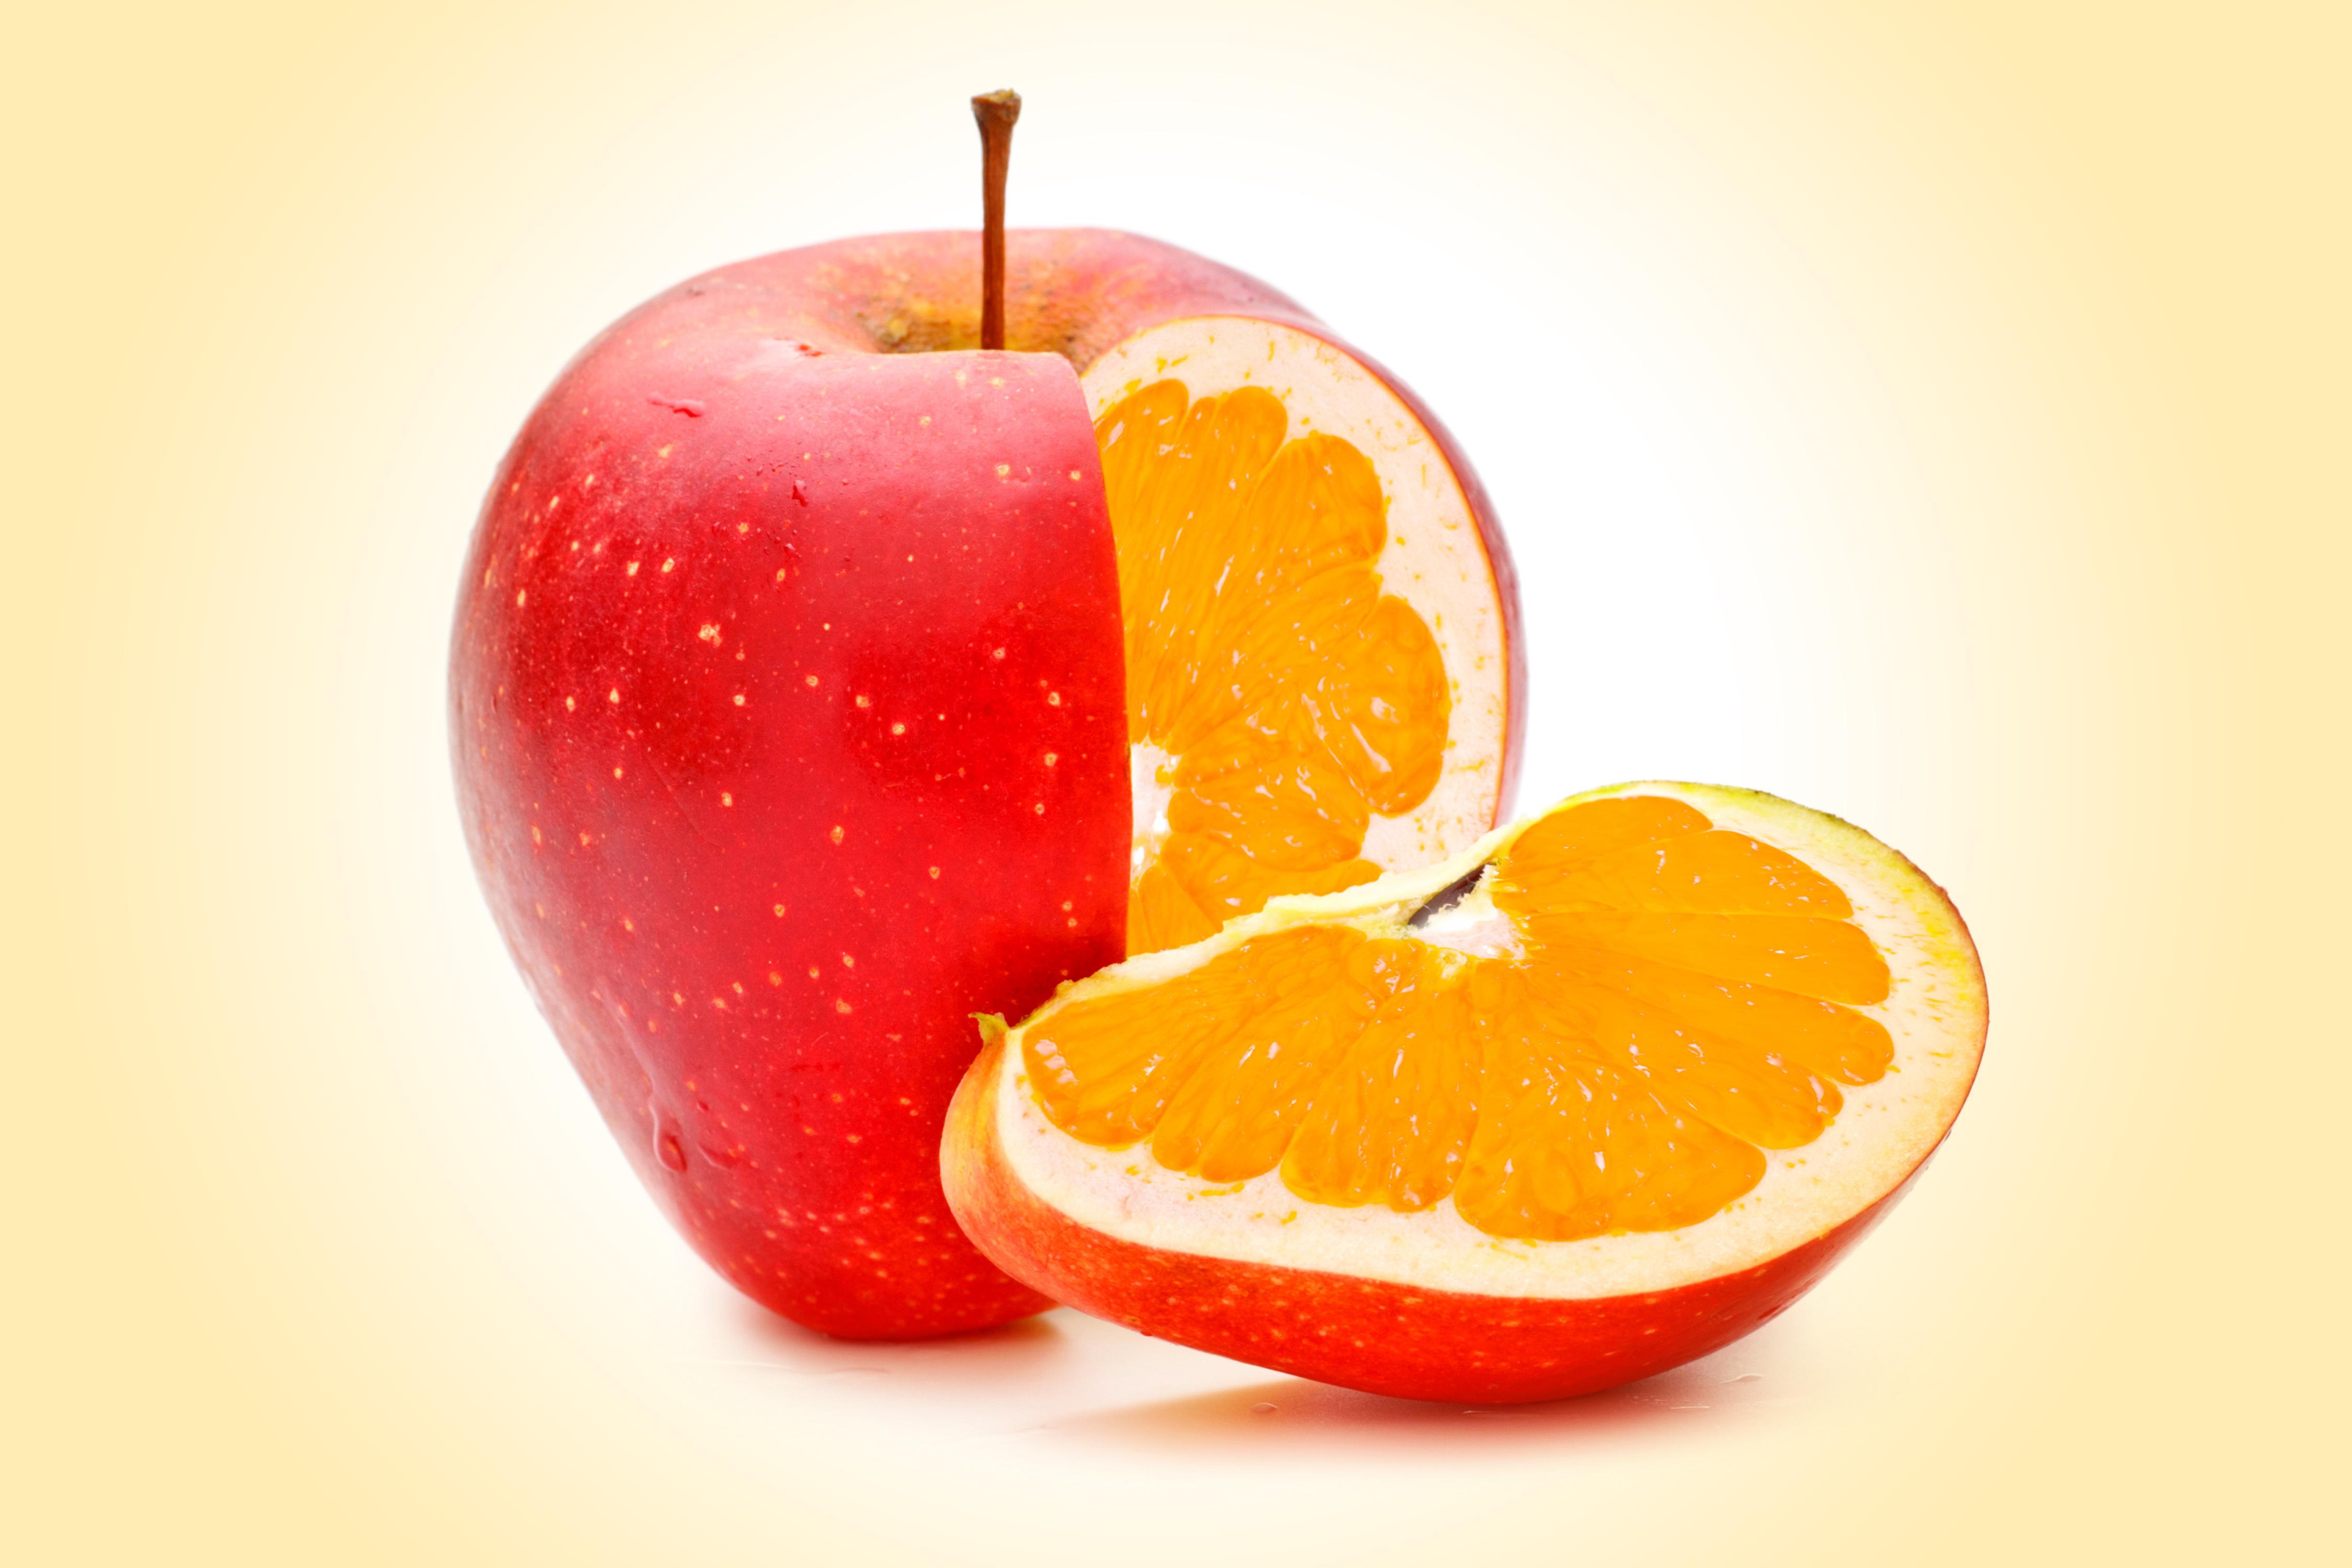 фрукты в картинках любимому